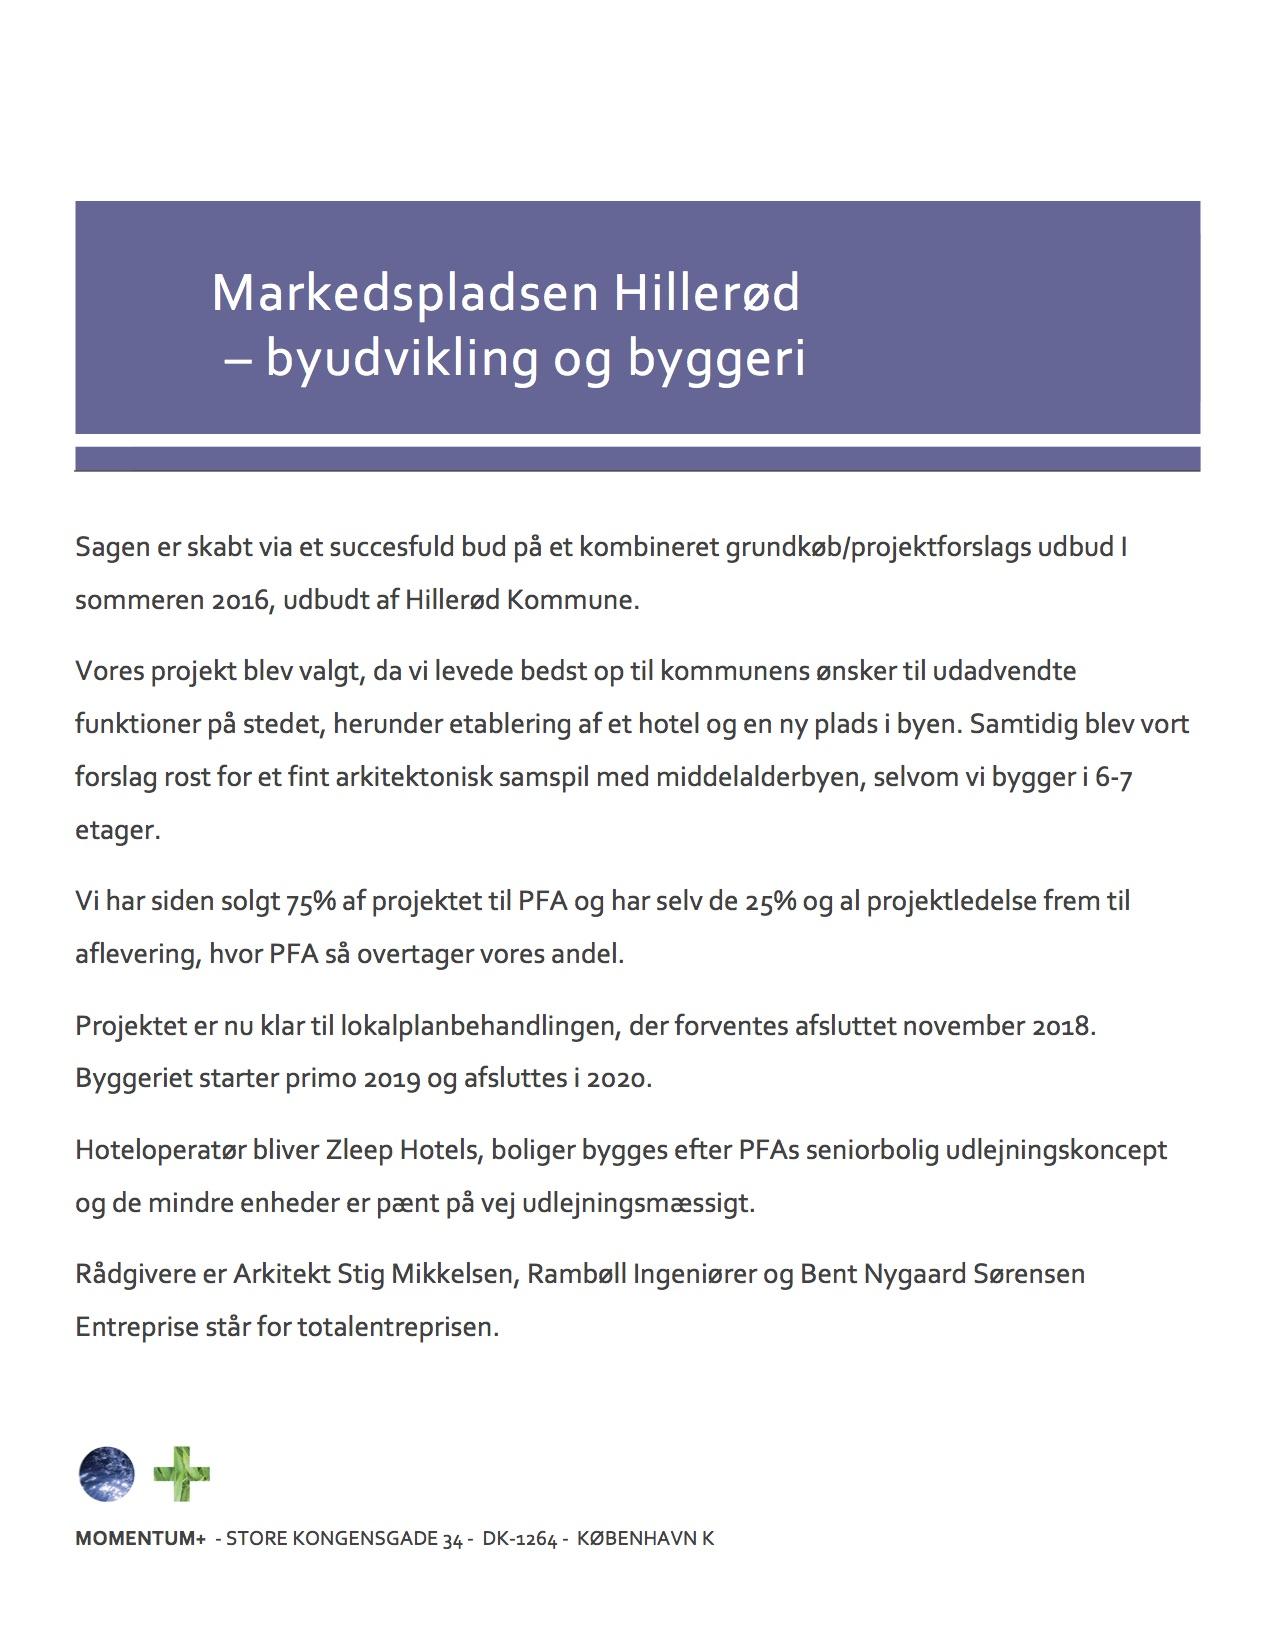 Hillerød - 1 ref. -2.jpg